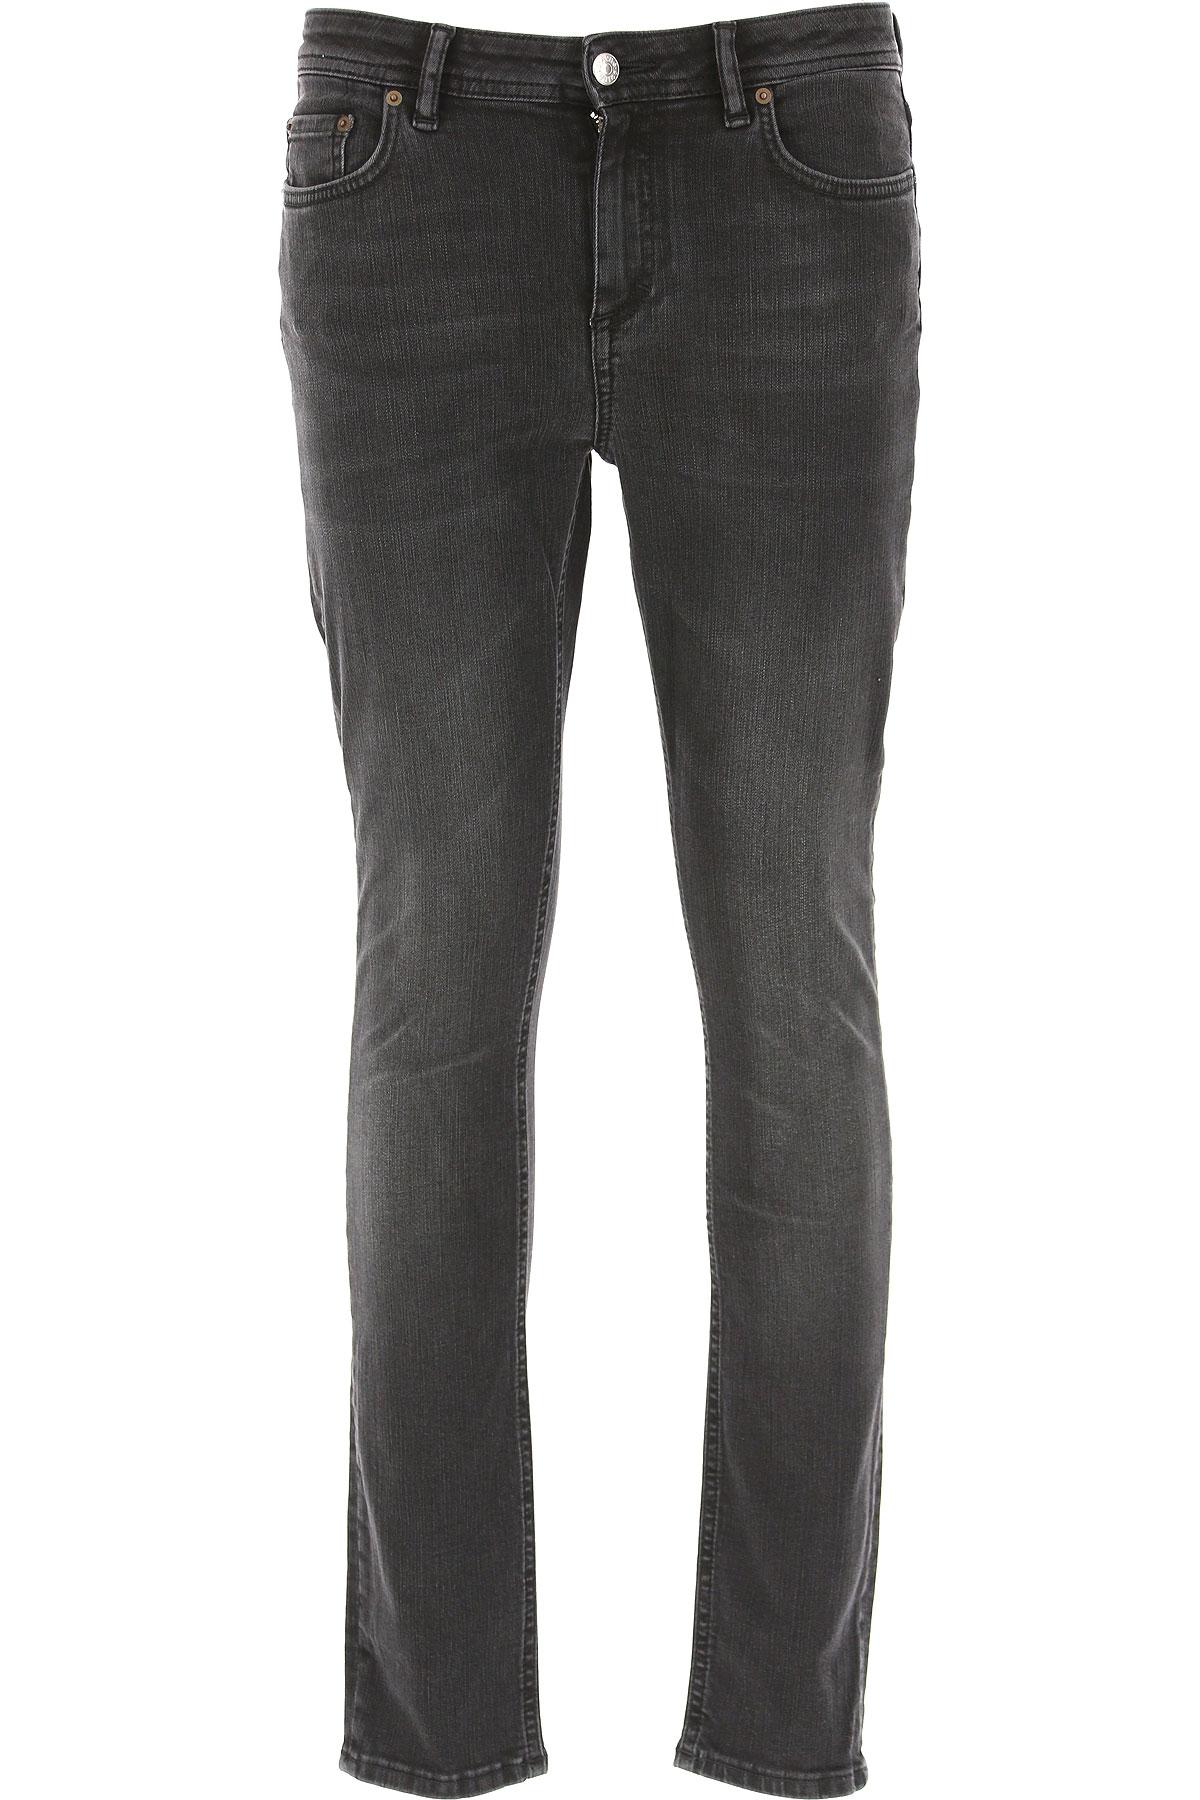 Image of Acne Studios Jeans, Black, Cotton, 2017, 29 30